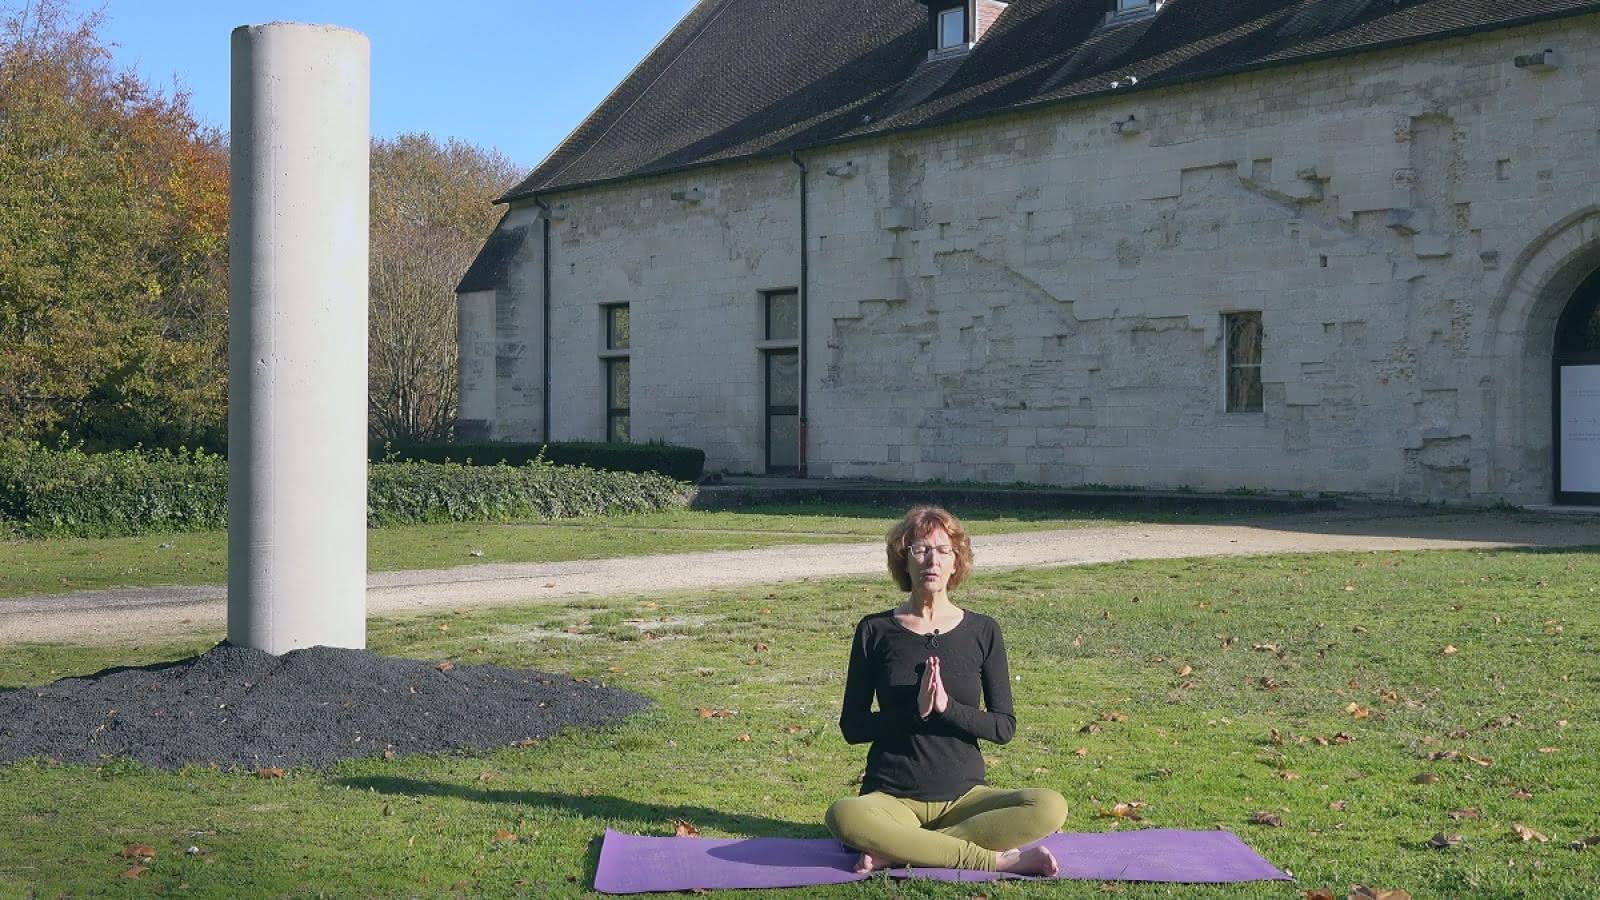 Extrait de la séance de Yoga enregistrée à l'Abbaye de Maubuisson à Saint-Ouen-l'Aumône dans le Val d'Oise